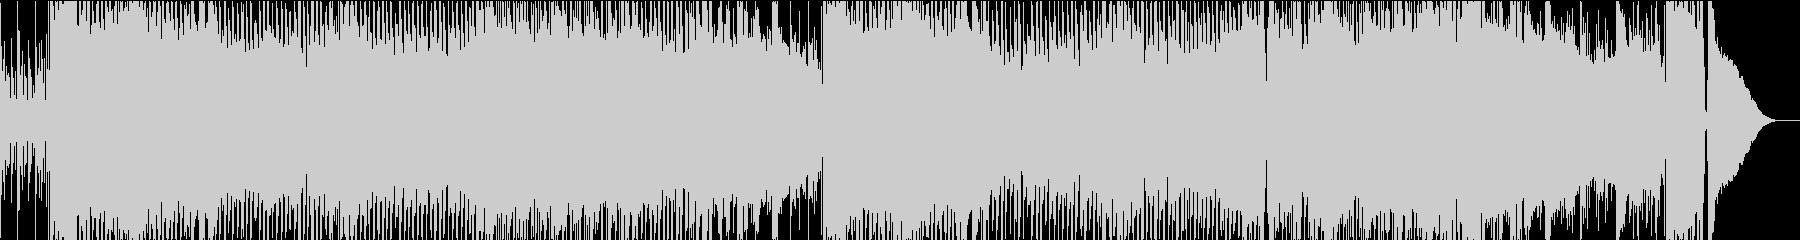 前向きなイメージのポップなロックの未再生の波形